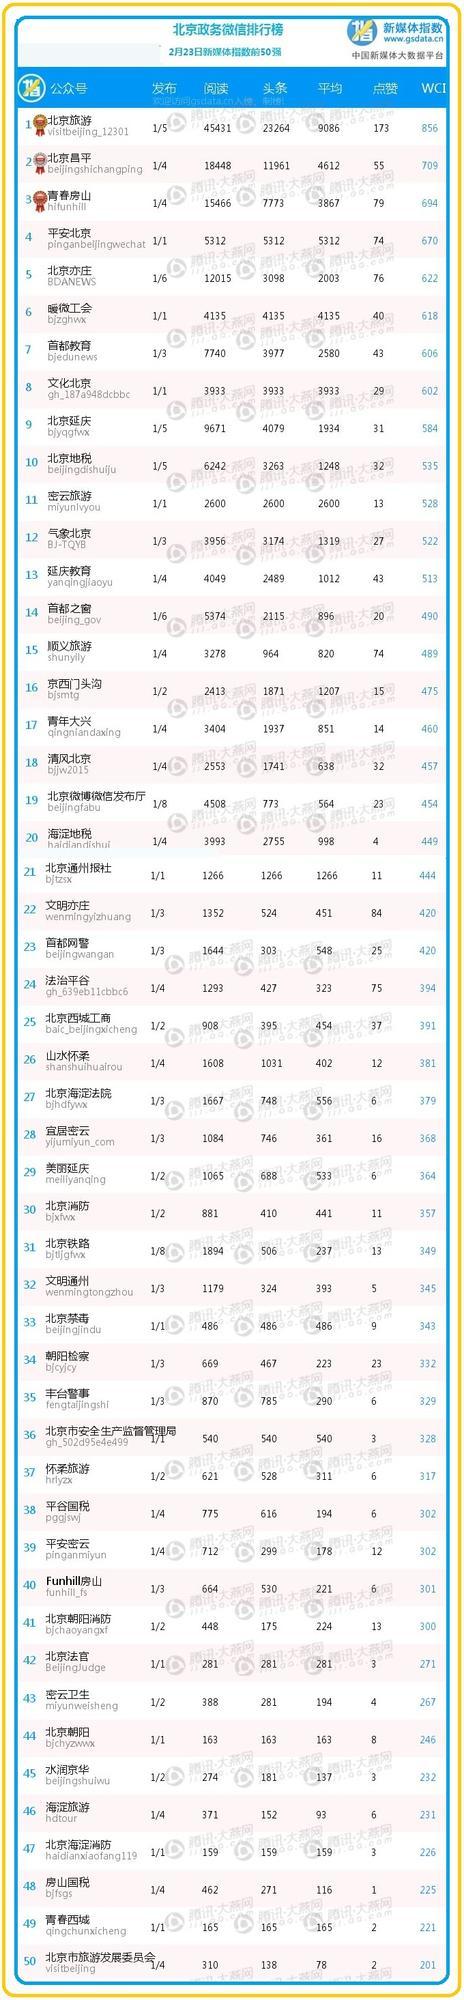 【排行榜】政务微信前50名完整榜单公布!